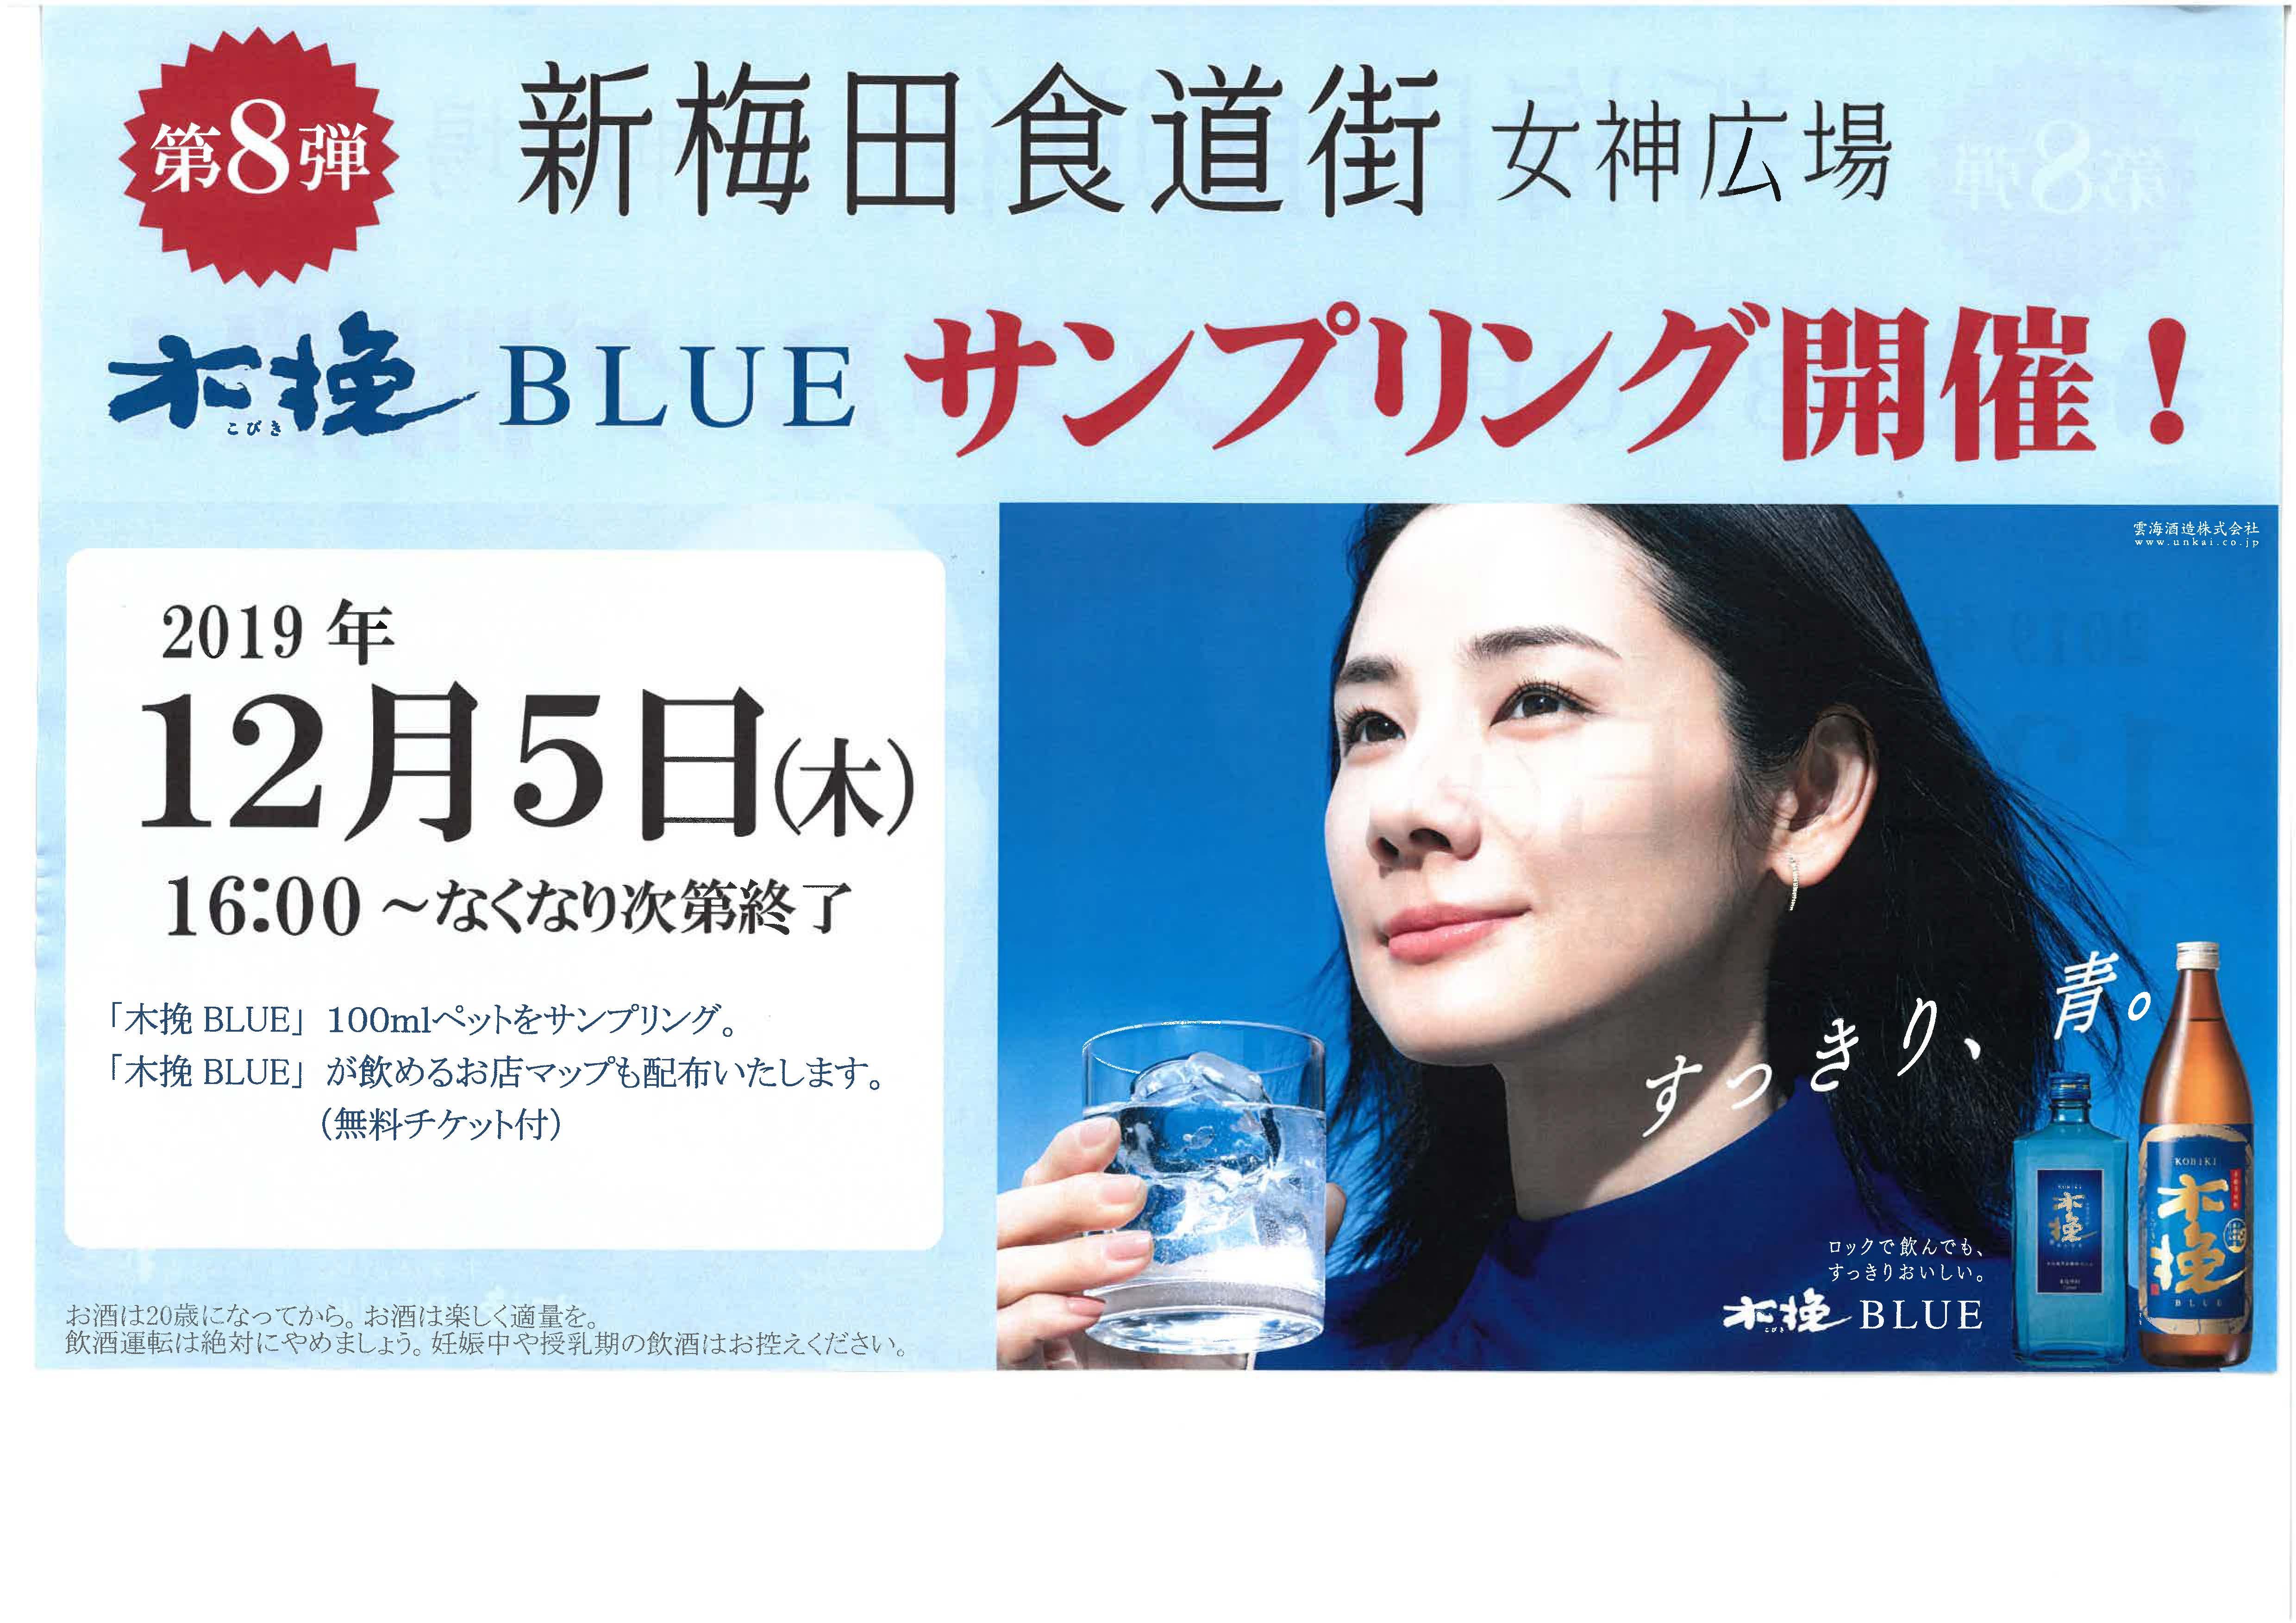 第8弾 雲海酒造「木挽BLUE」サンプリング